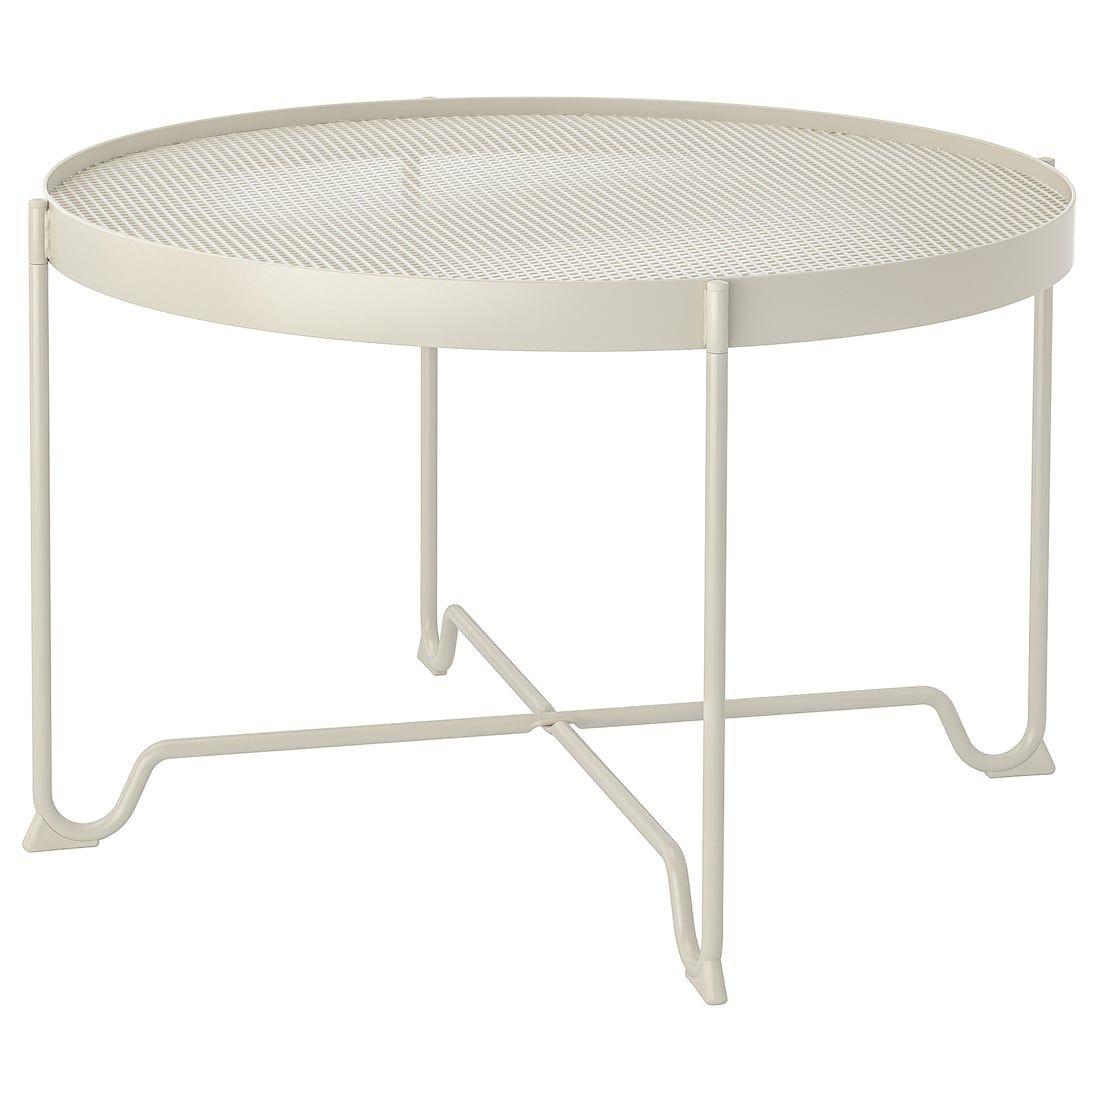 Krokholmen Coffee Table Outdoor Beige Ikea Iron Coffee Table Coffee Table Pictures Coffee Table Inspiration [ 1100 x 1100 Pixel ]